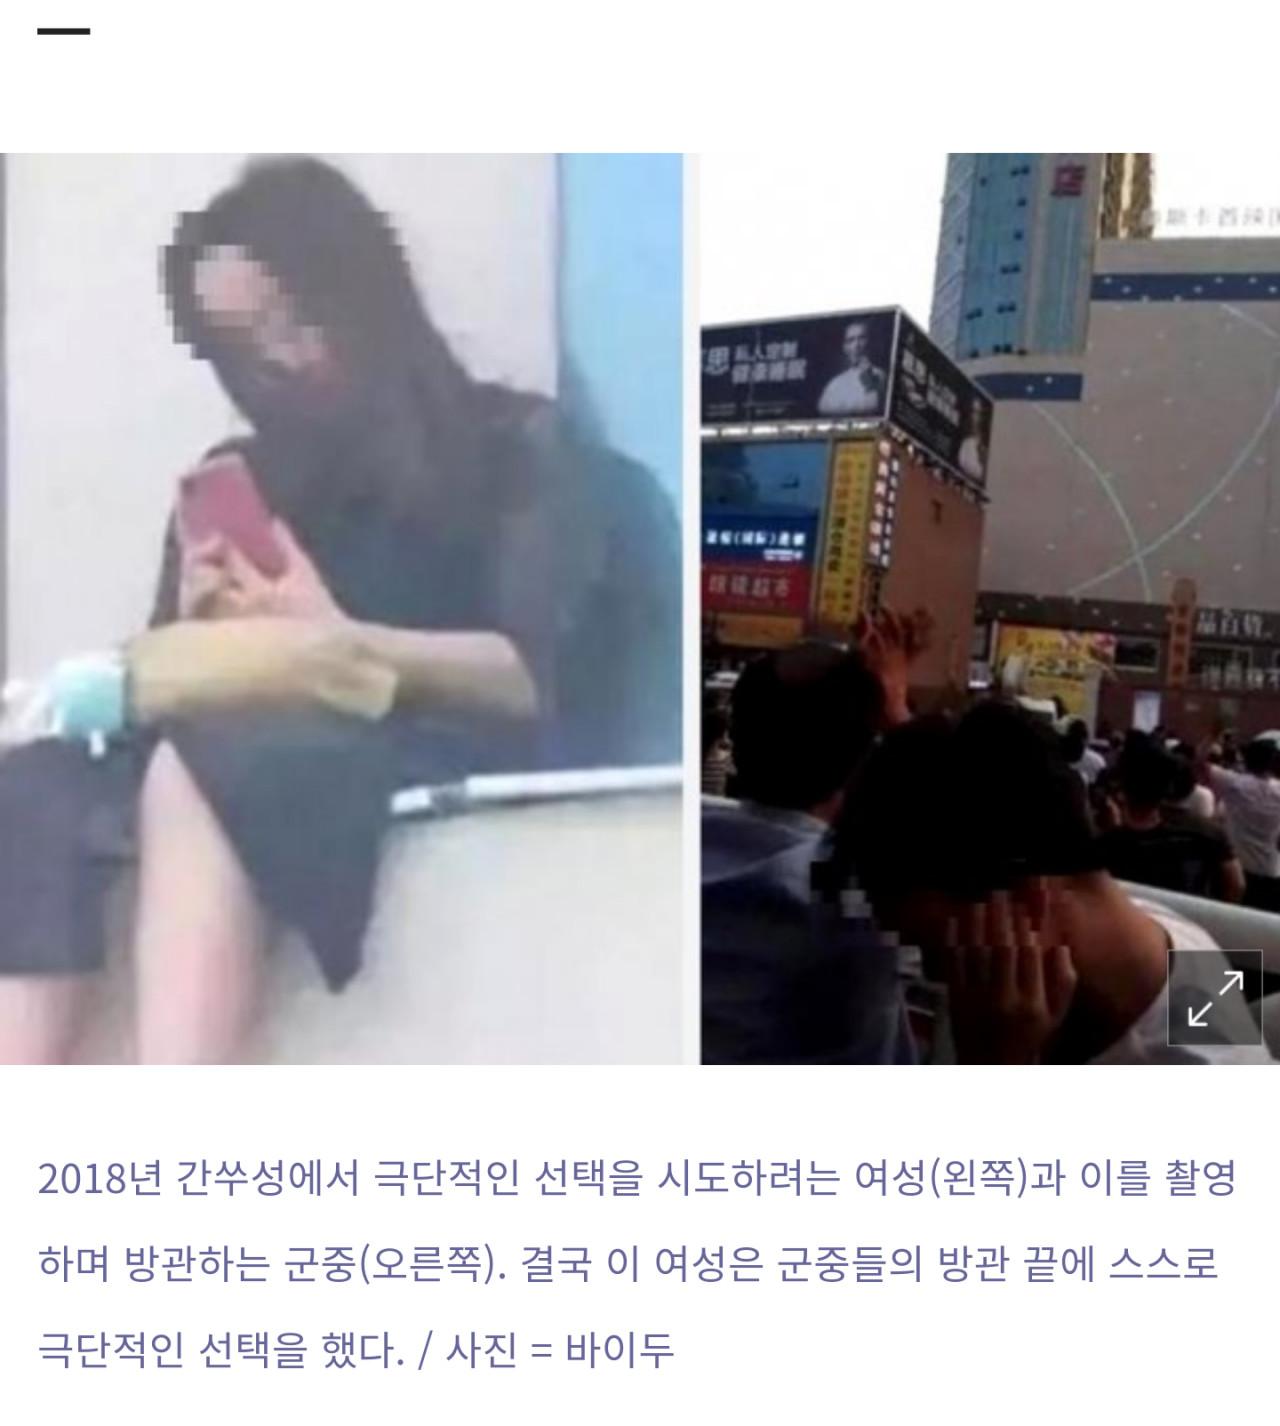 [유머] 中…웨이관 문화 뭐길래 -  와이드섬